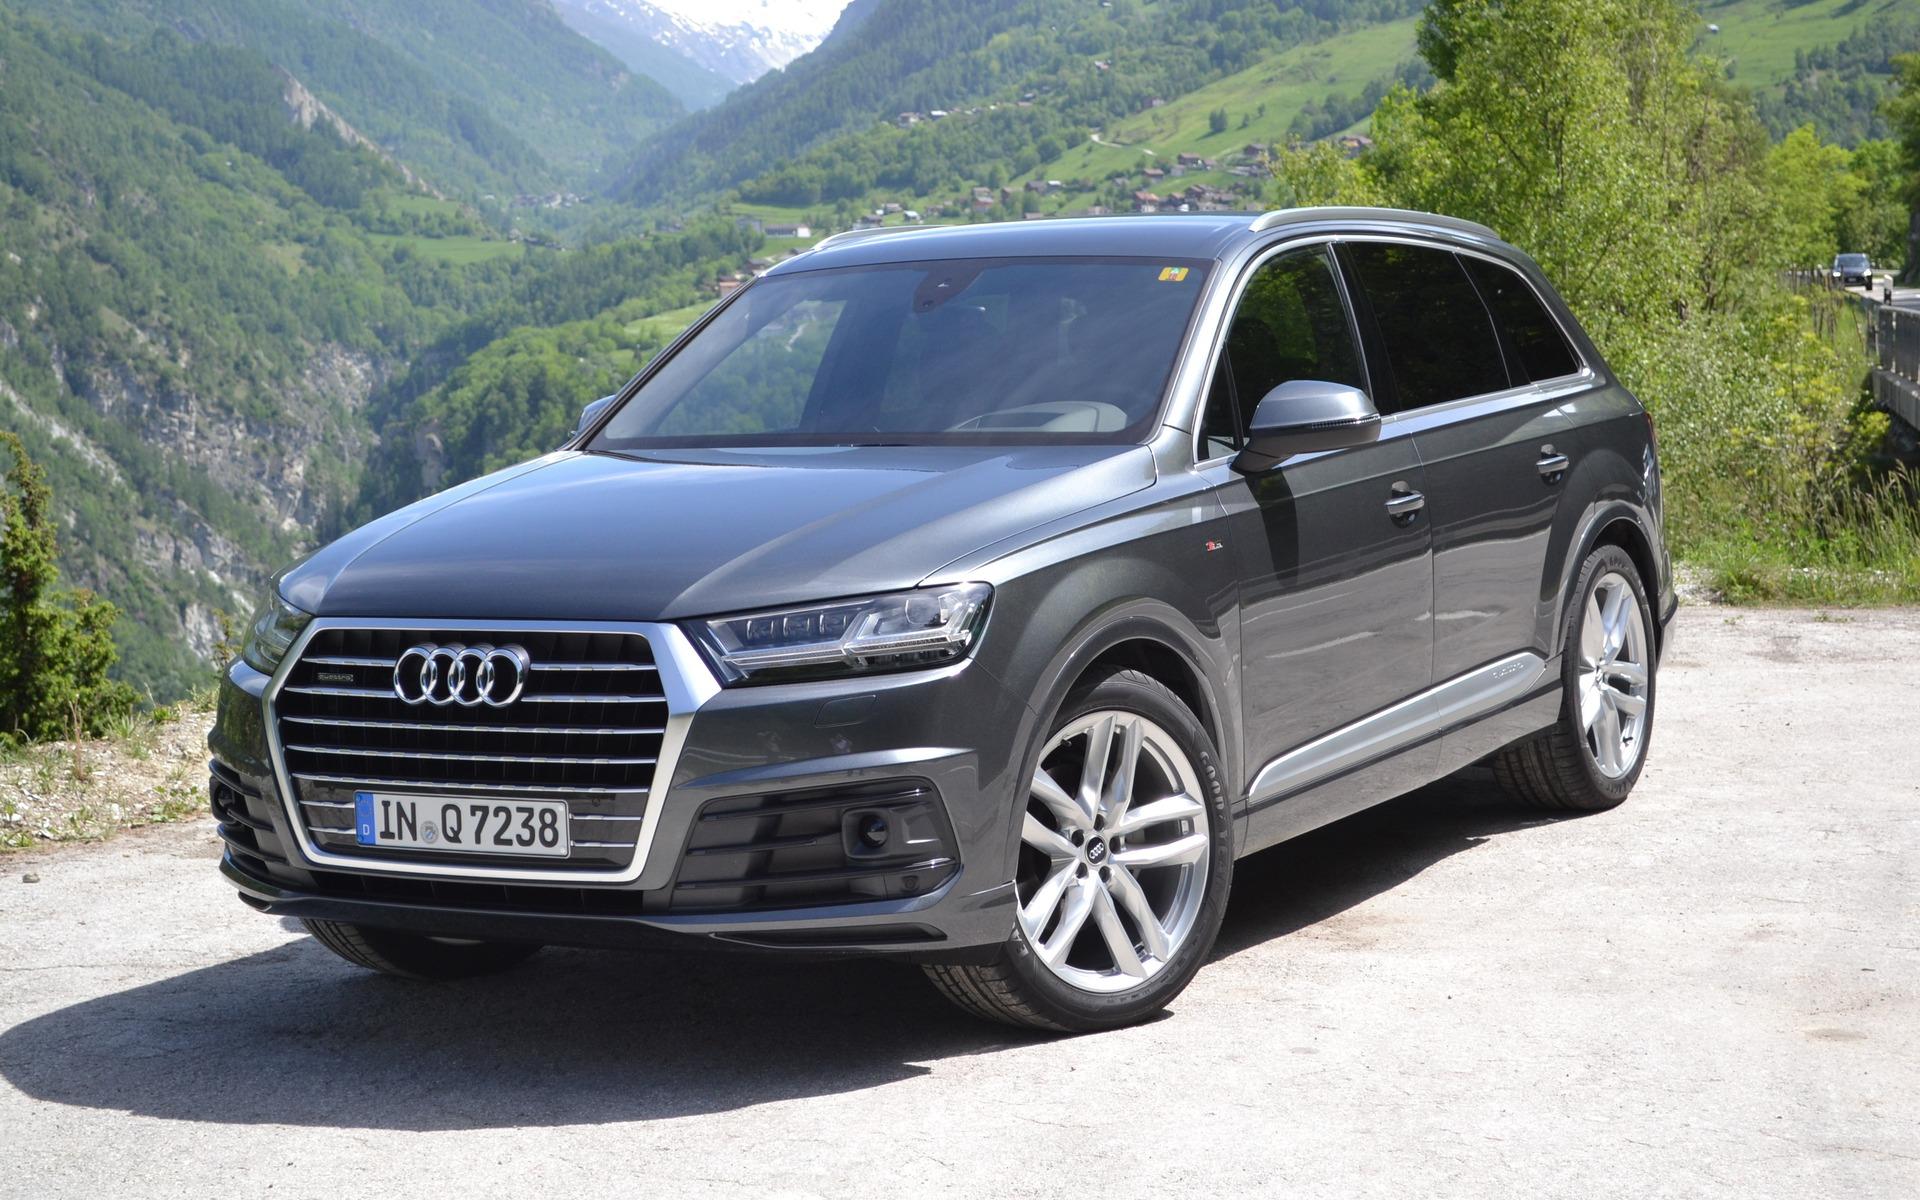 Audi's Future Includes New SUVs - The Car Guide